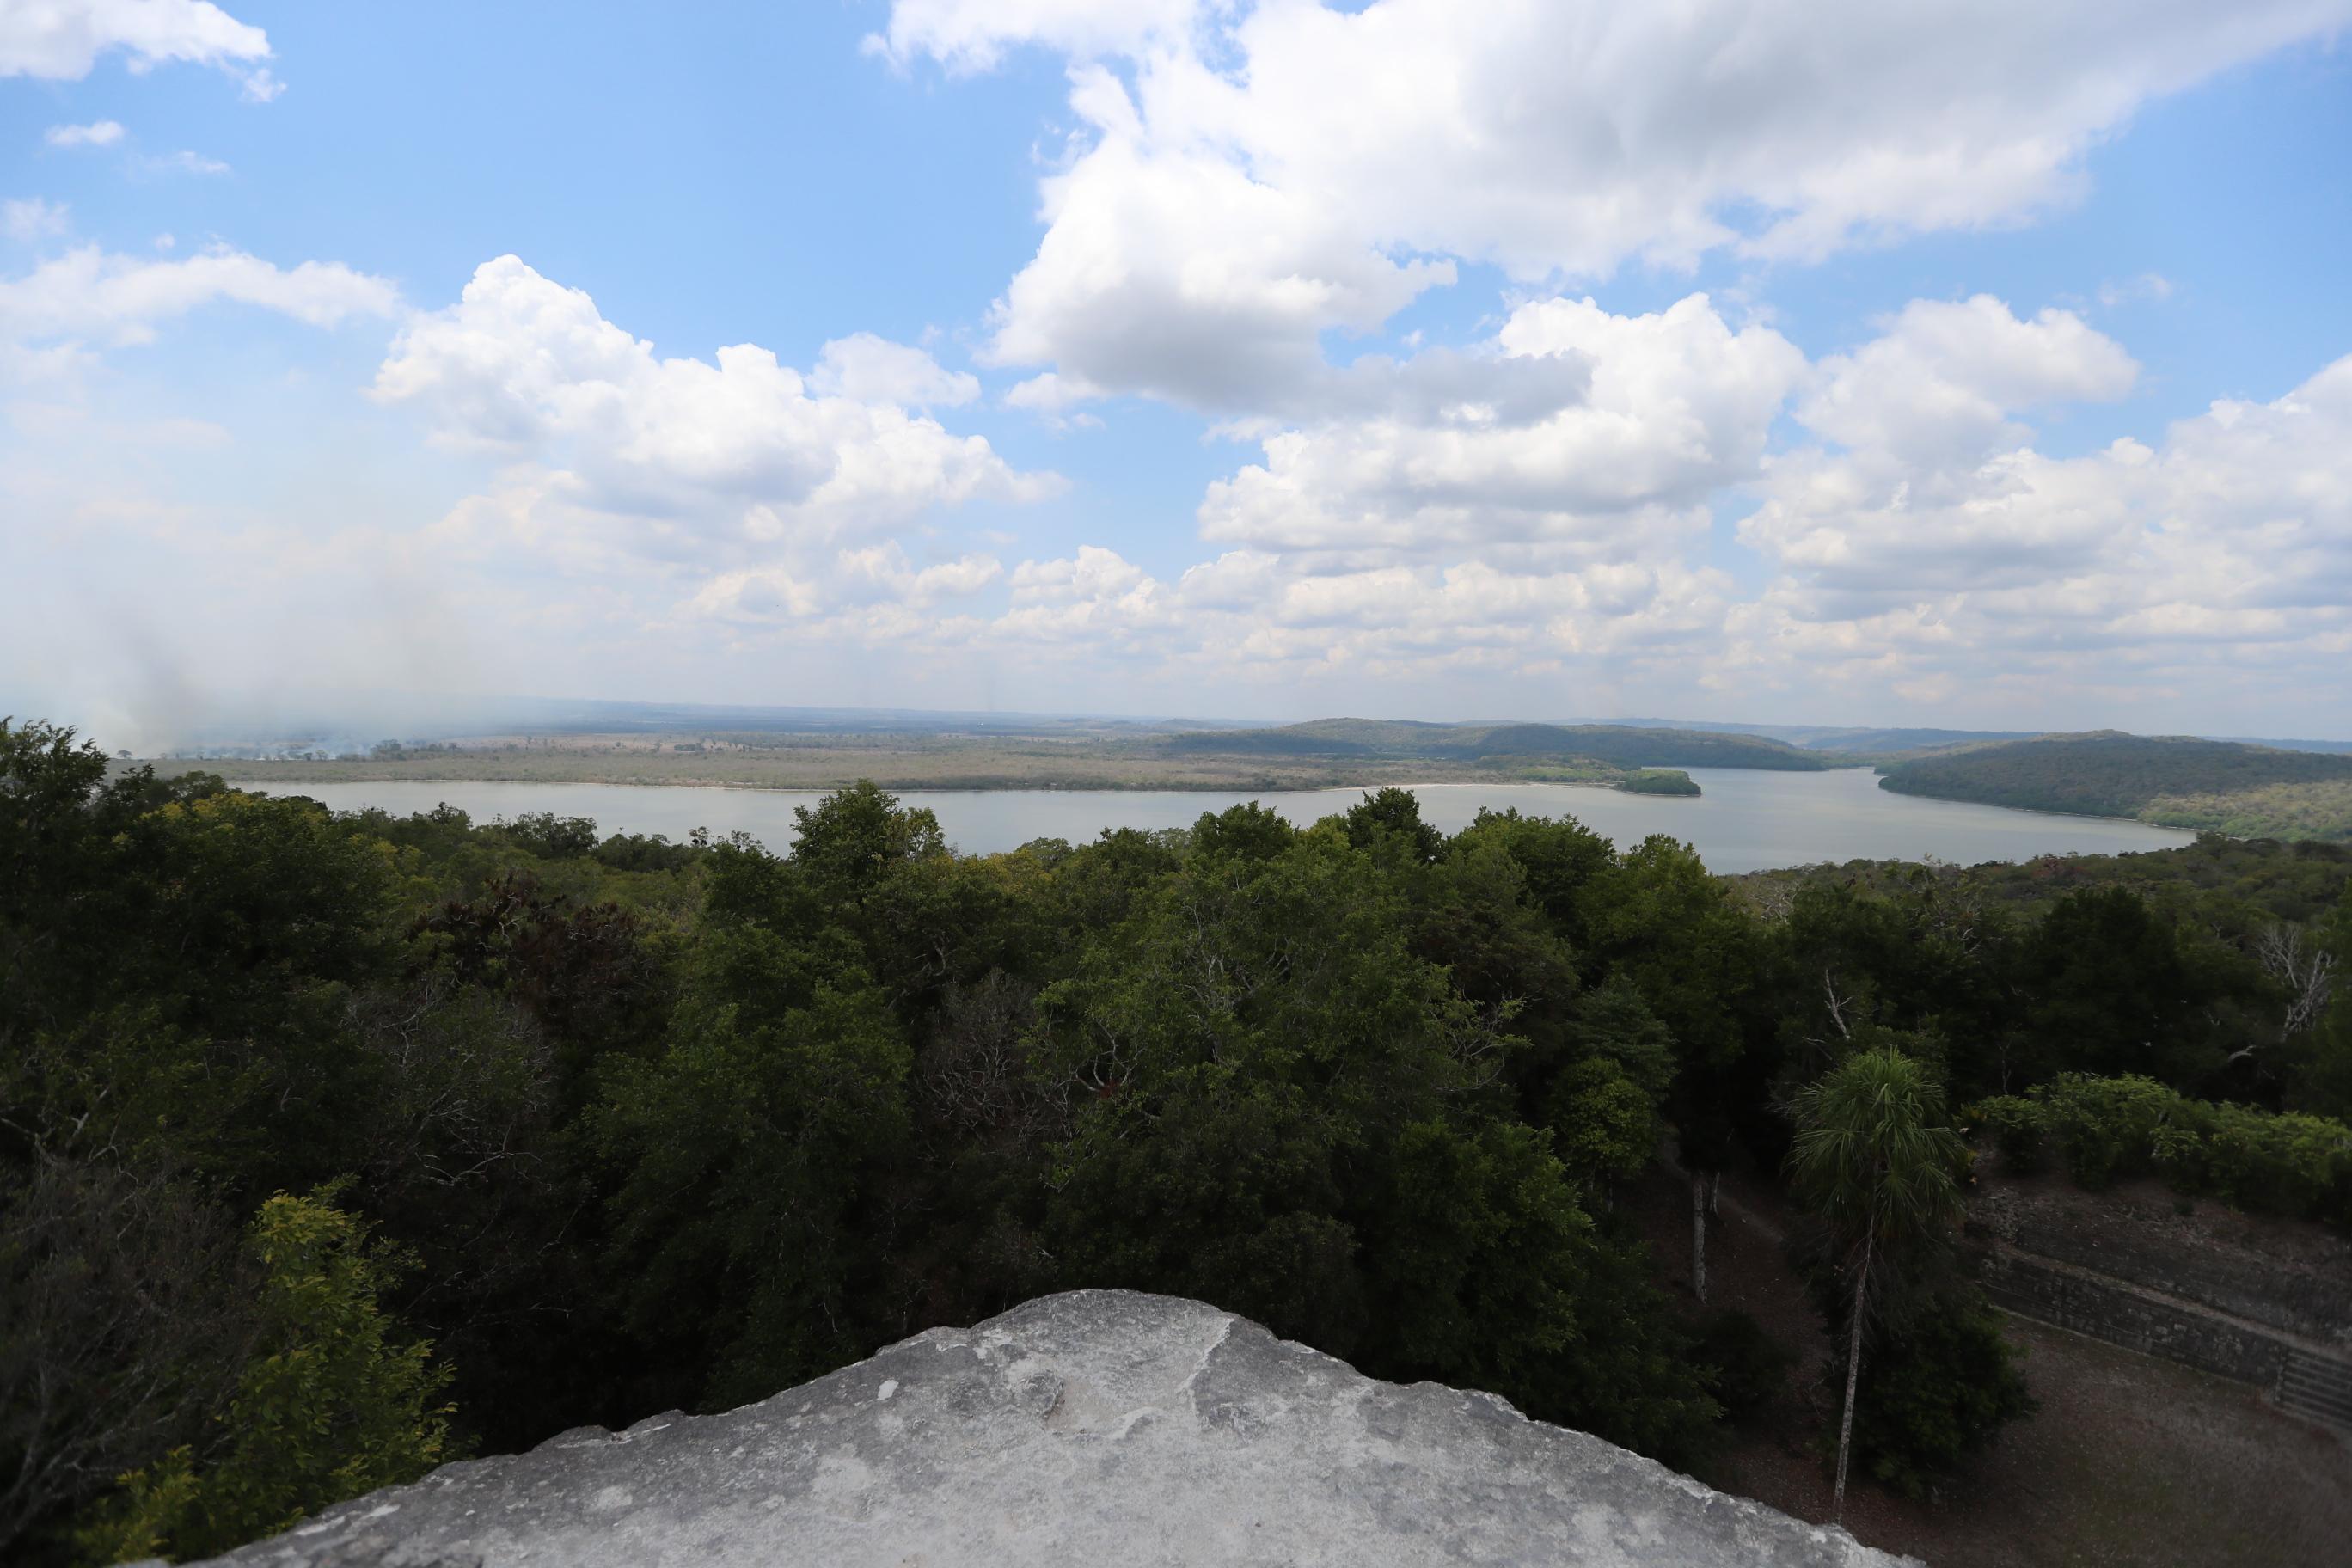 Vista de la laguna del Parque Nacional Yaxhá desde el templo de las Manos Rojas. (Foto Prensa Libre: Oscar Fernando García).